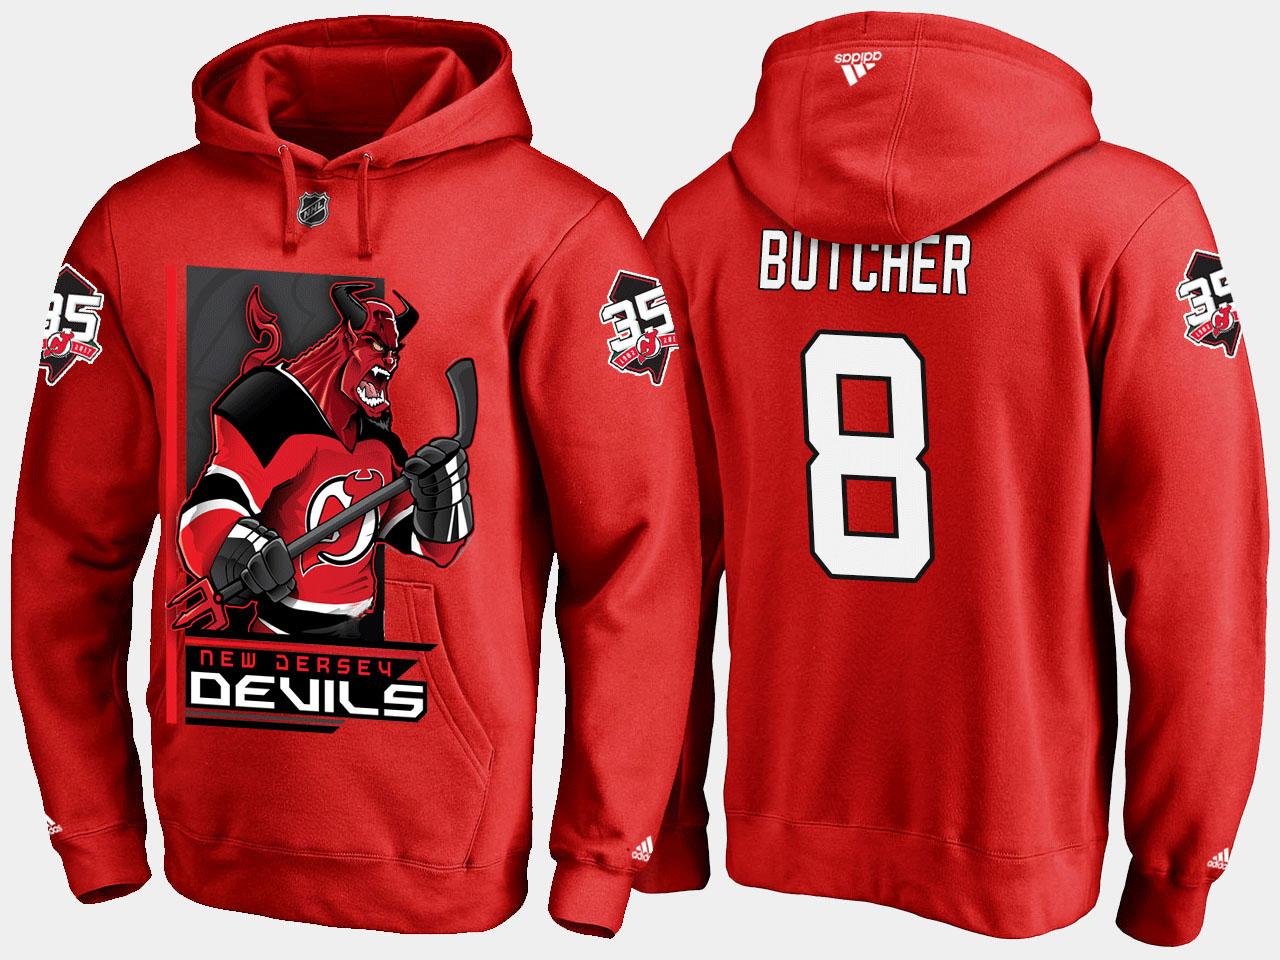 Men's New Jersey Devils Red Will Butcher Cartoon Hoodie